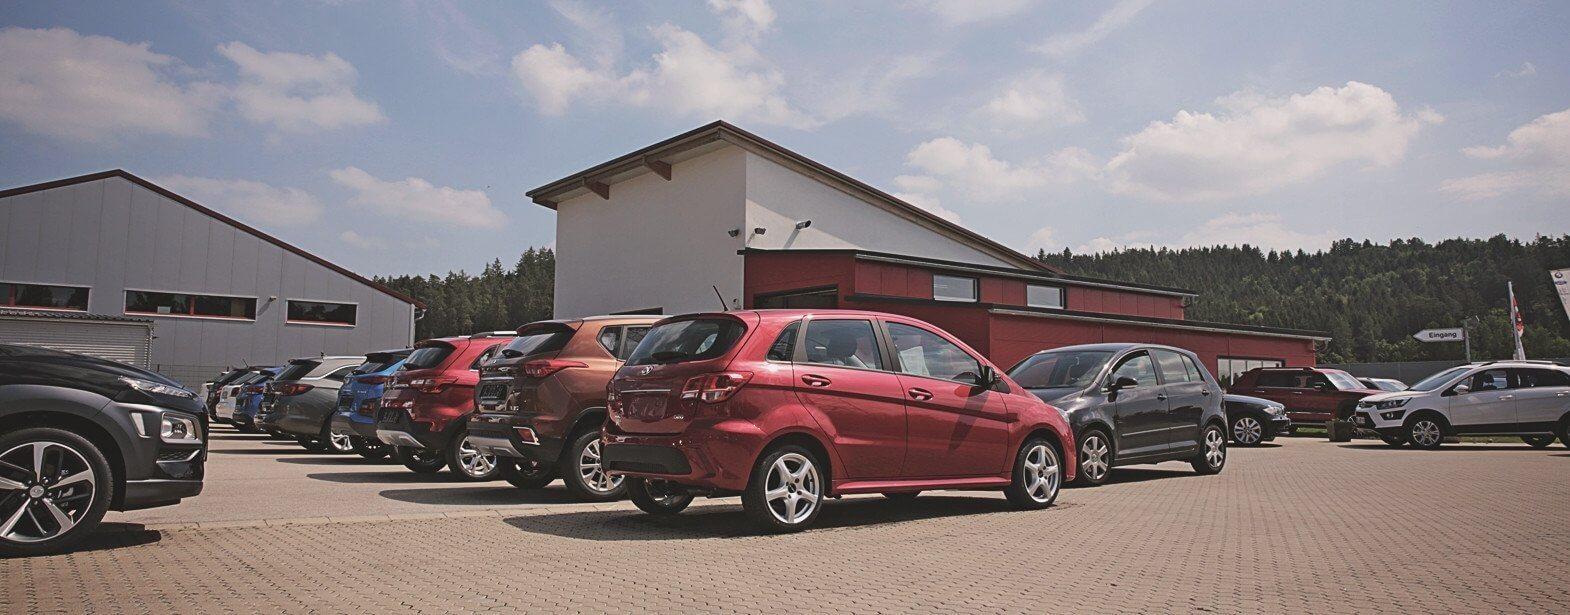 Brugger-Henning Fahrzeugservice - Autohaus KFZ Meisterbetrieb seit 1997